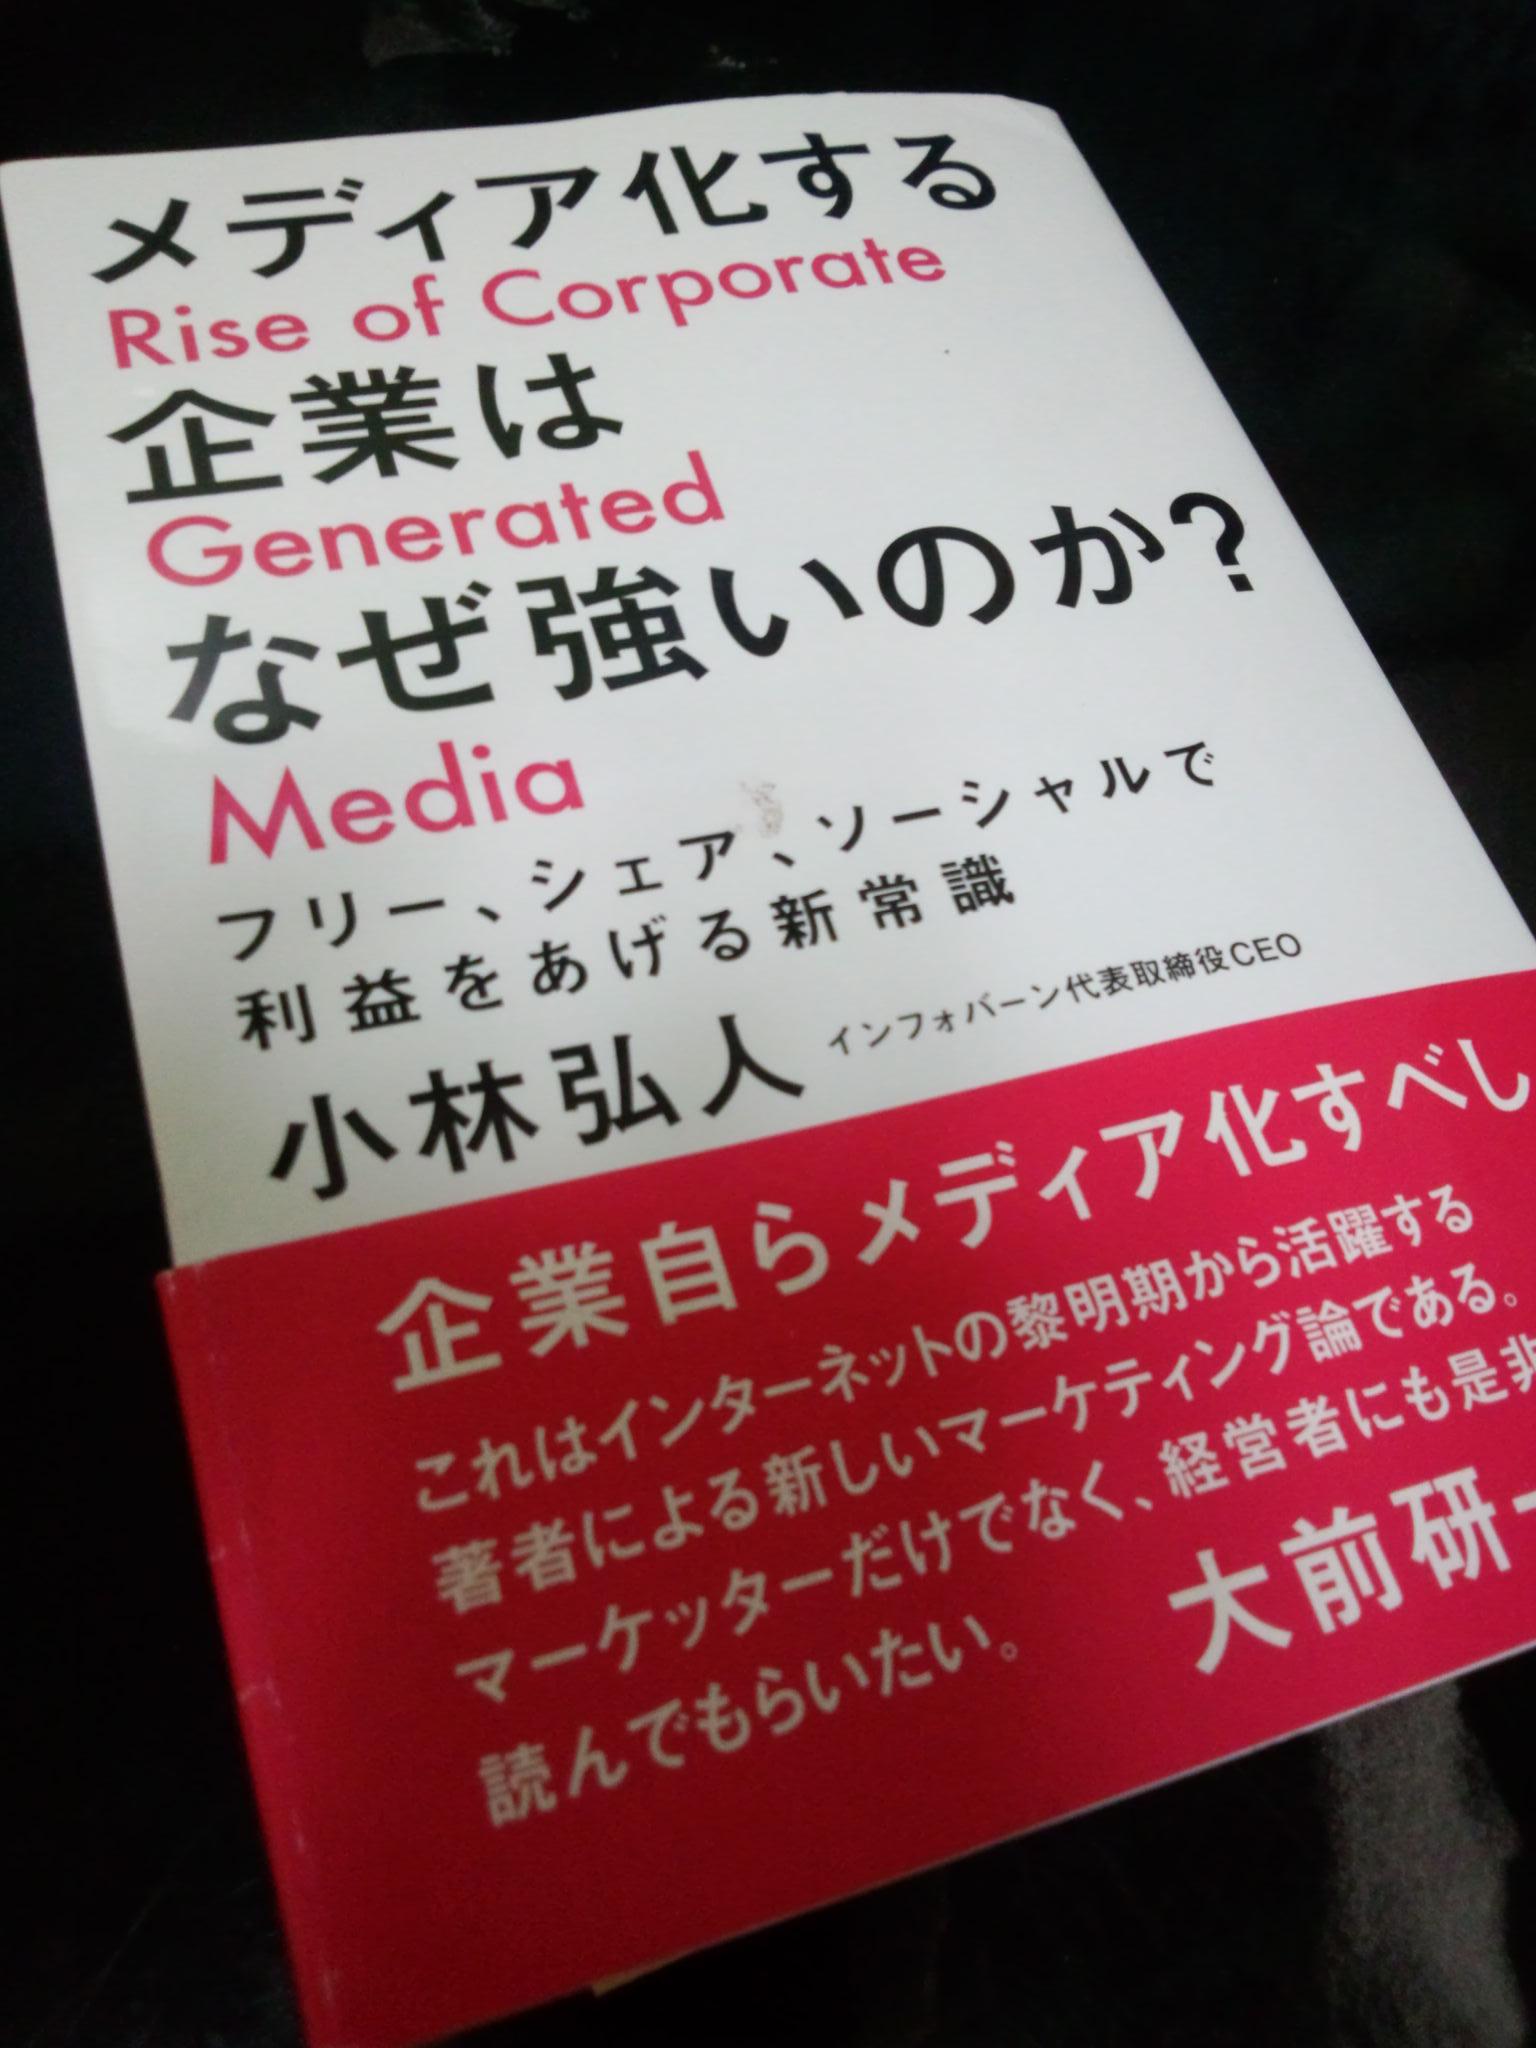 『メディア化する企業はなぜ強いのか?』_e0123104_5433218.jpg